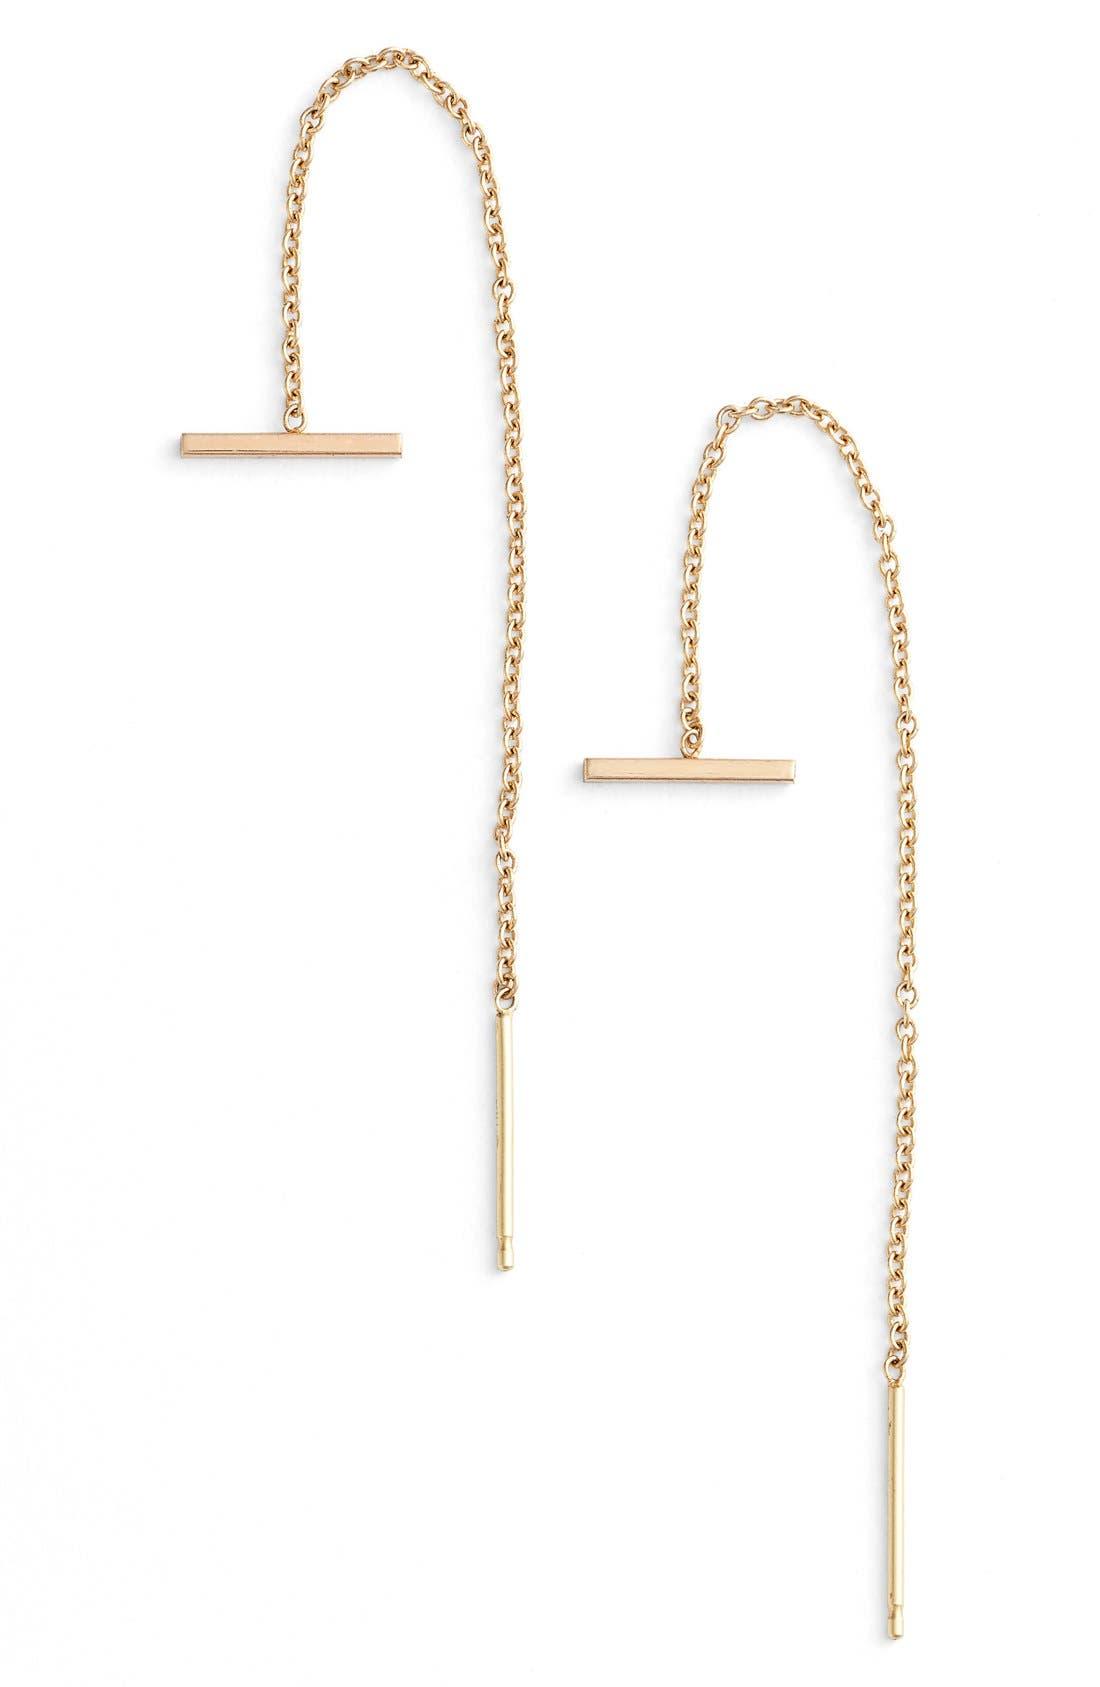 Zoë Chicco Bar Threader Earrings